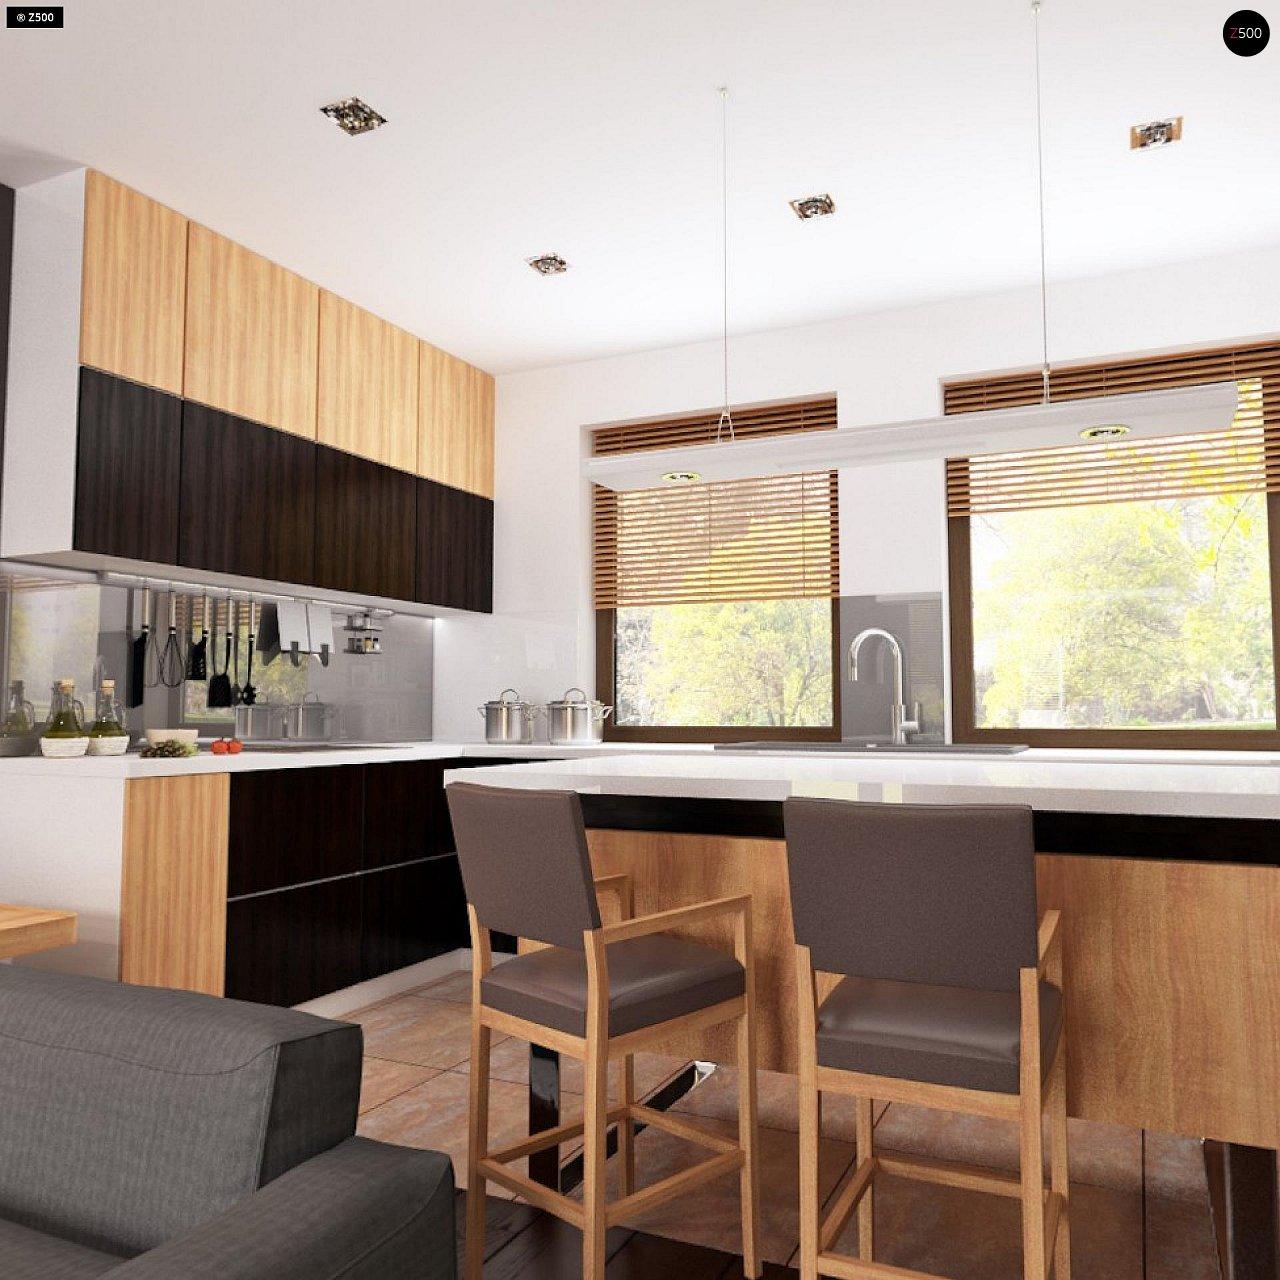 Проект небольшого практичного одноэтажного дома. Есть возможность обустройства чердачного помещения. 3